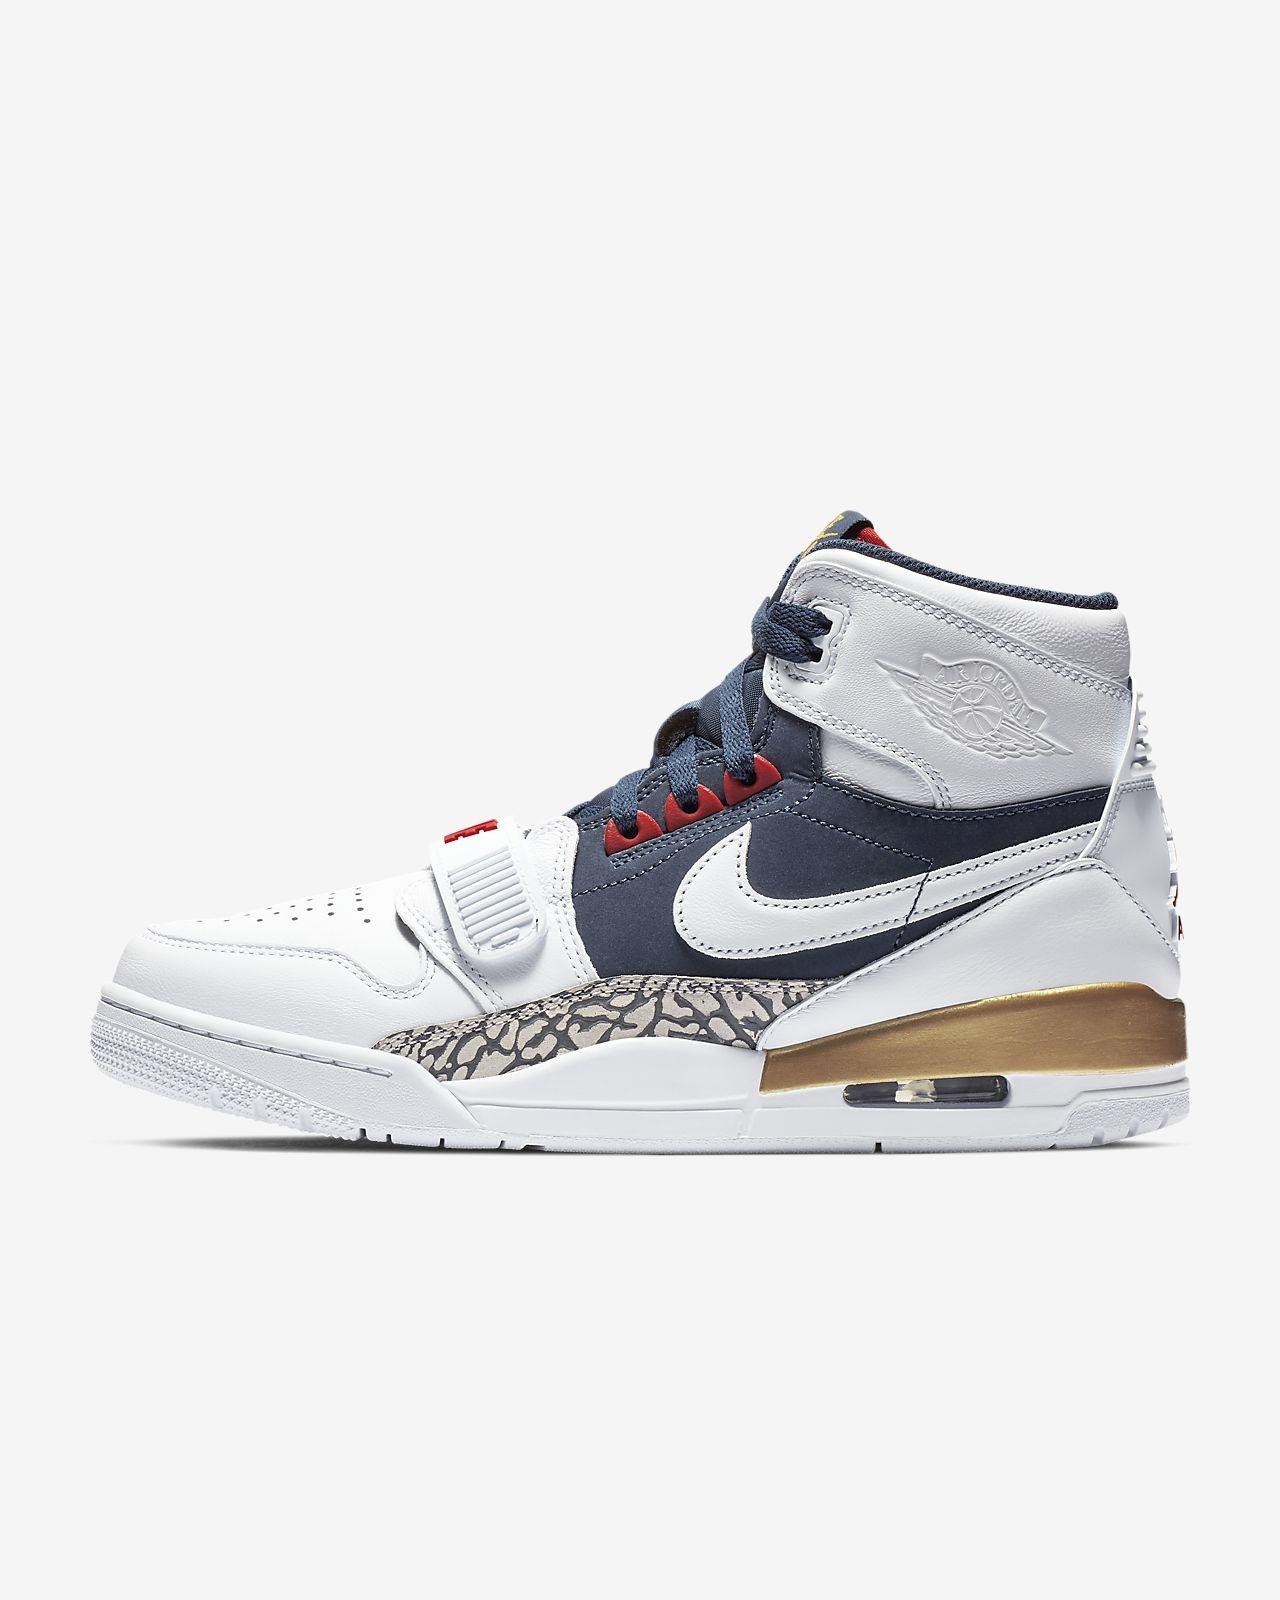 reputable site 5a74a 9967e ... Sko Air Jordan Legacy 312 för män